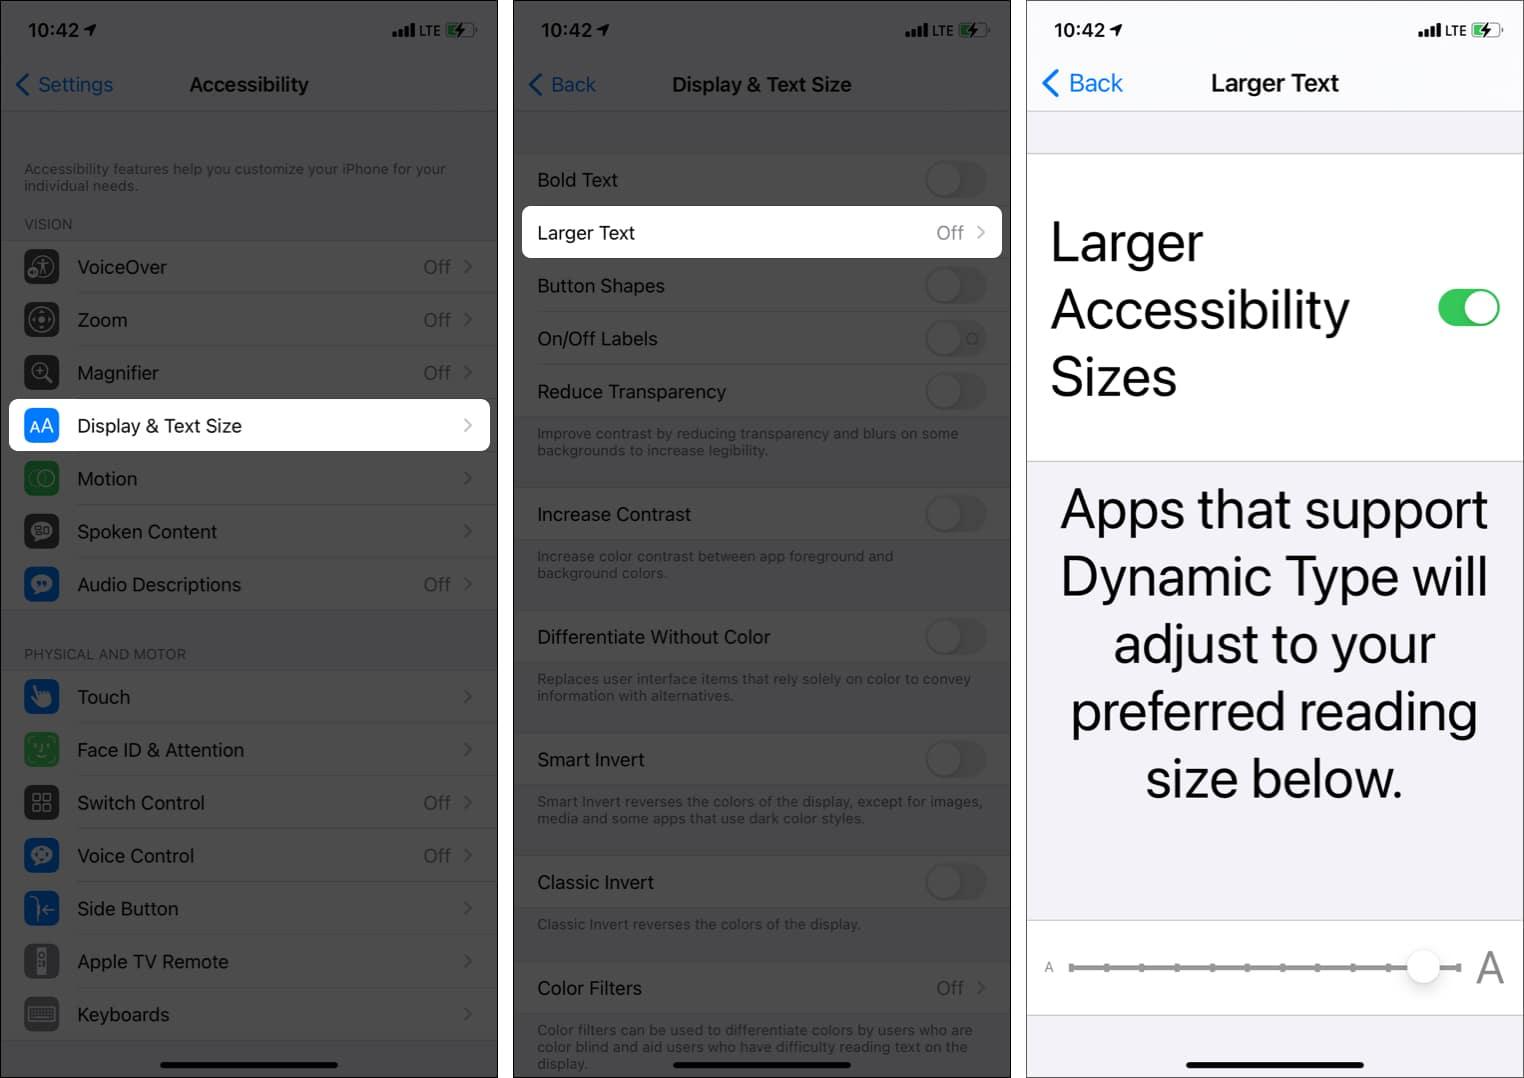 Passen Sie die Textgröße auf dem iPhone mit den Eingabehilfen-Einstellungen an